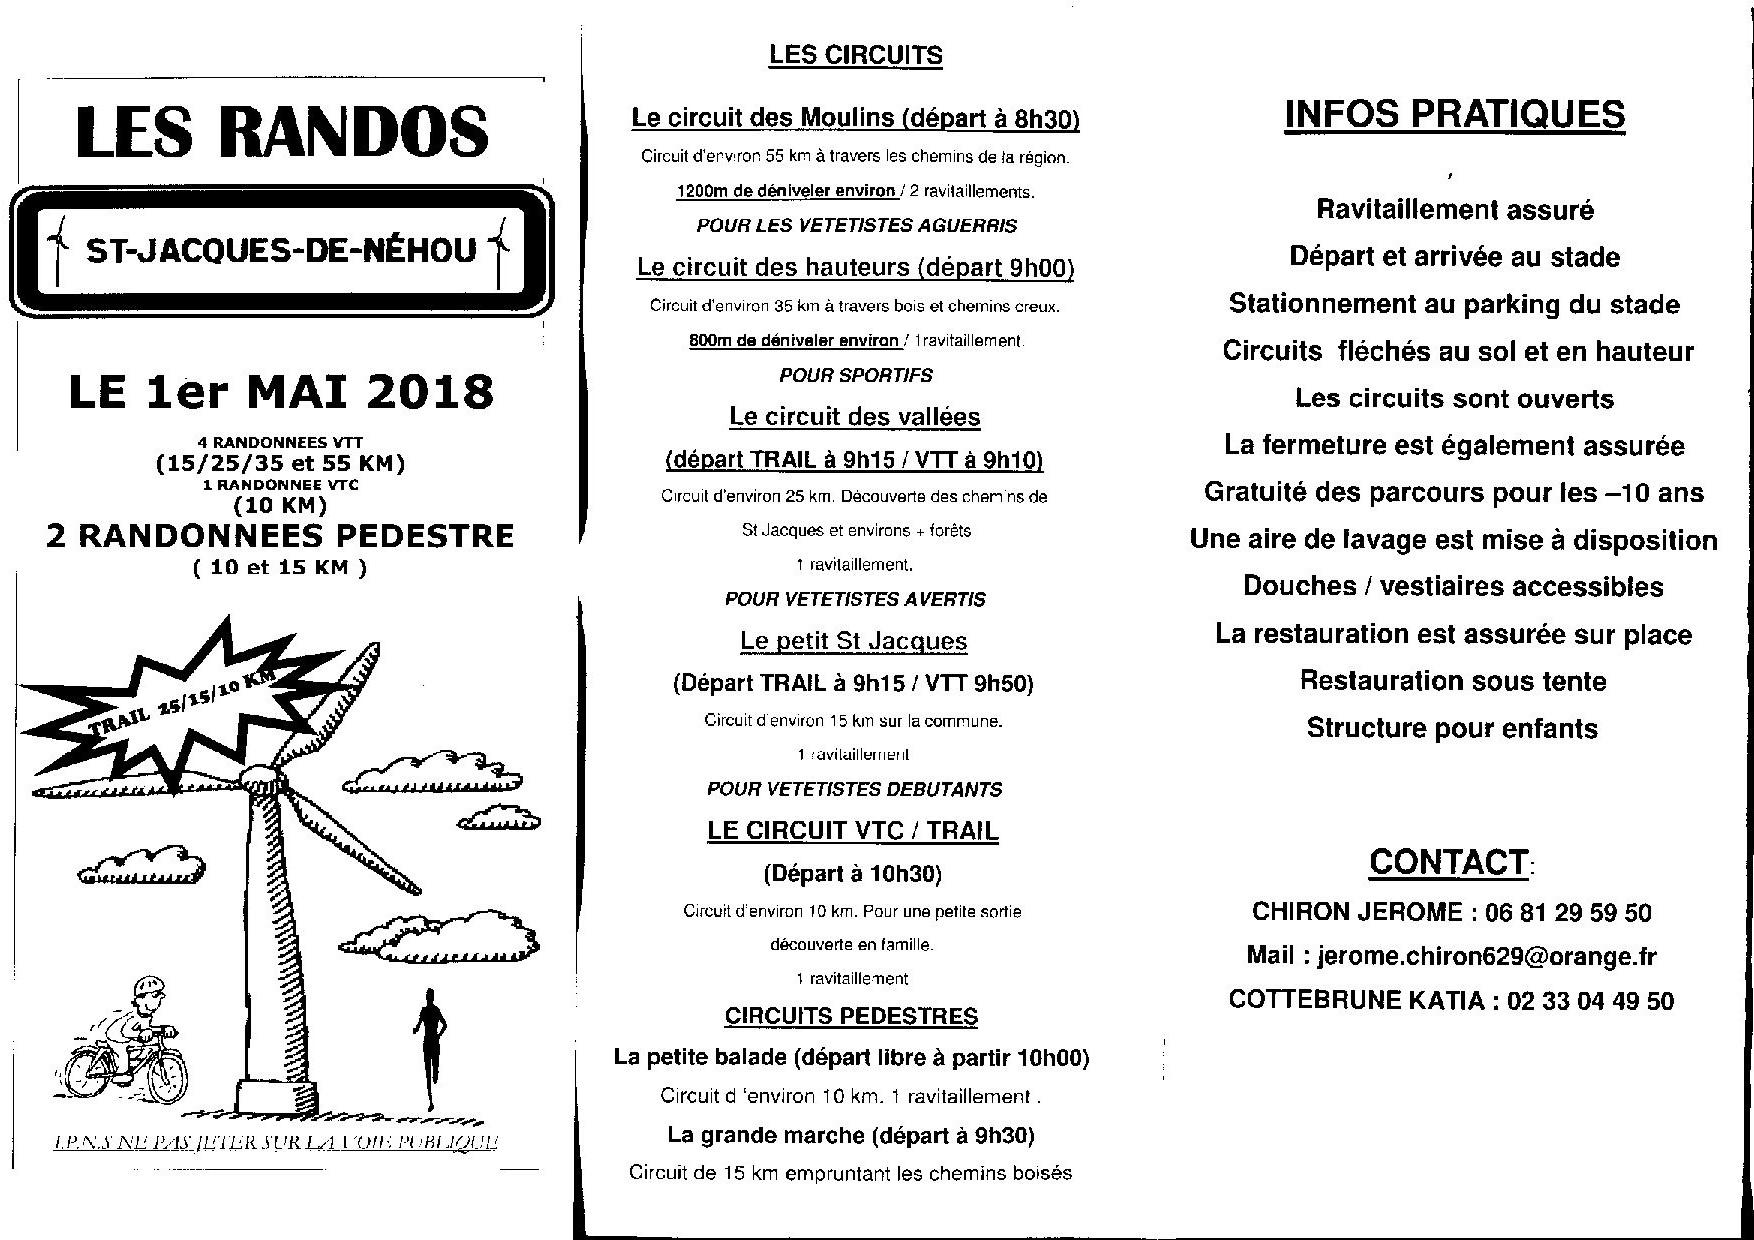 Calendrier Randonnee Pedestre Calvados.Manche Vtt Rendez Vous Vtt Du Mois De Mai 2018